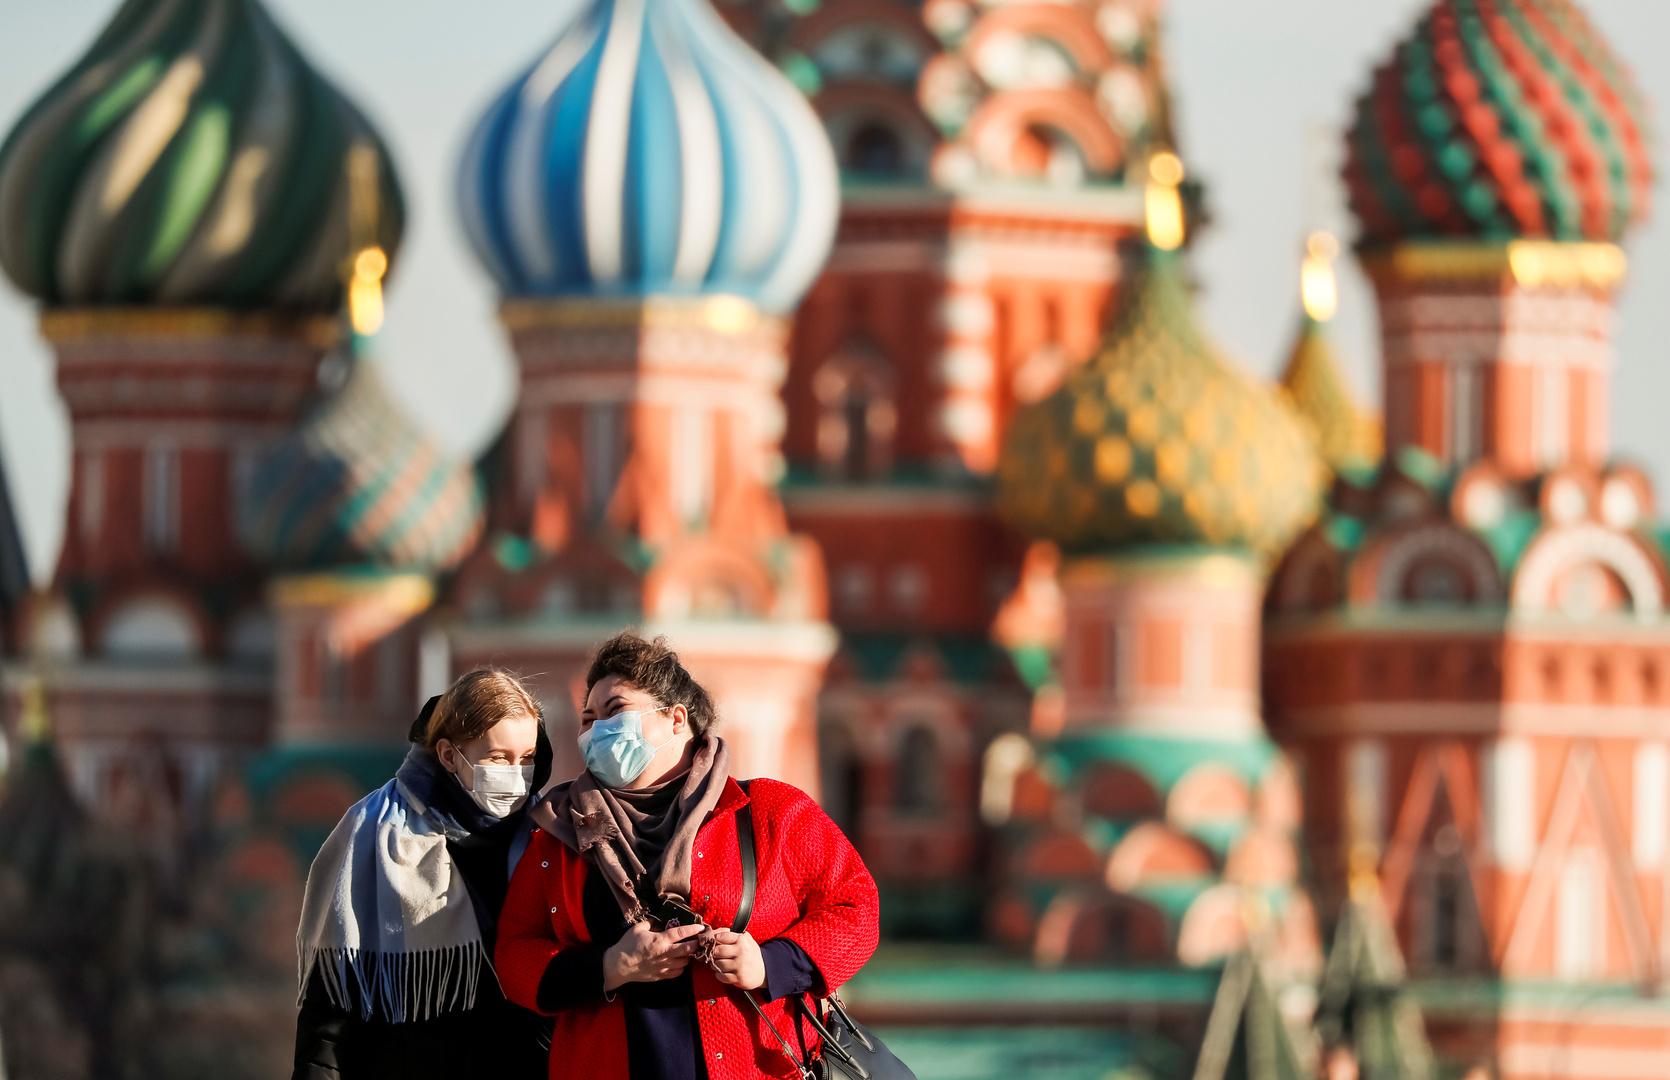 شروط الحياة السعيدة من وجهة نظر المرأة الروسية